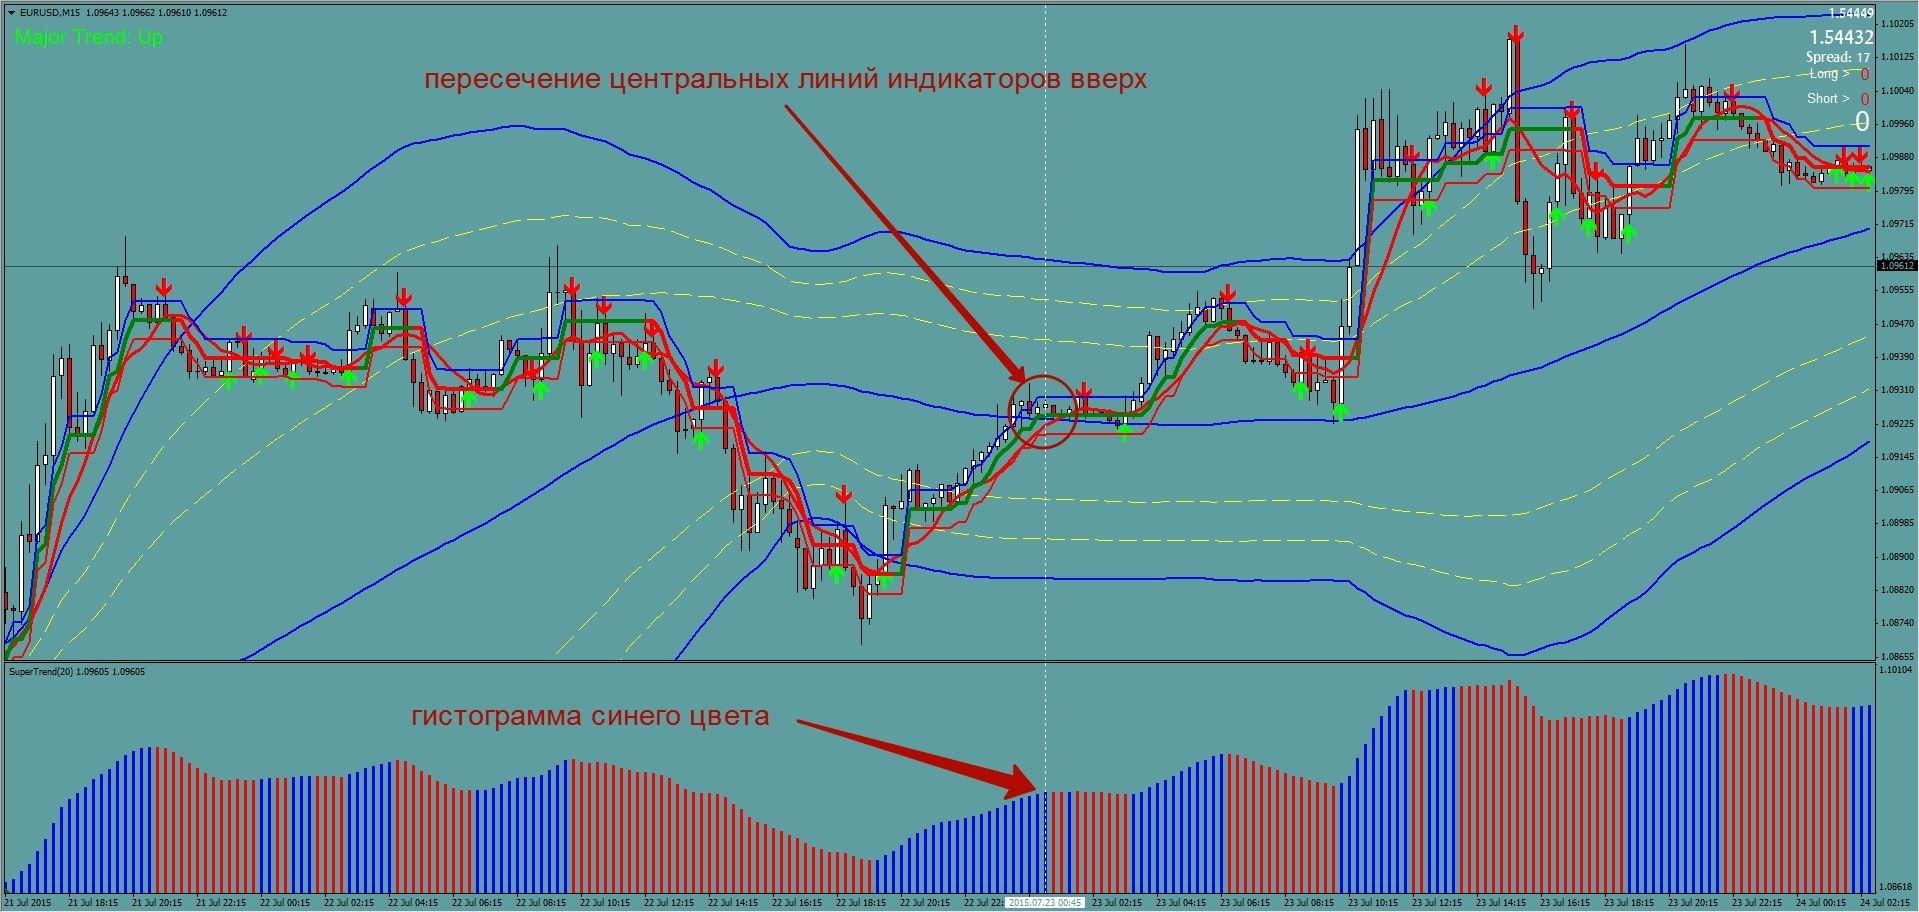 Стратегия бинарных опционов «Трусливый инвестор» в Метатрейдере 4